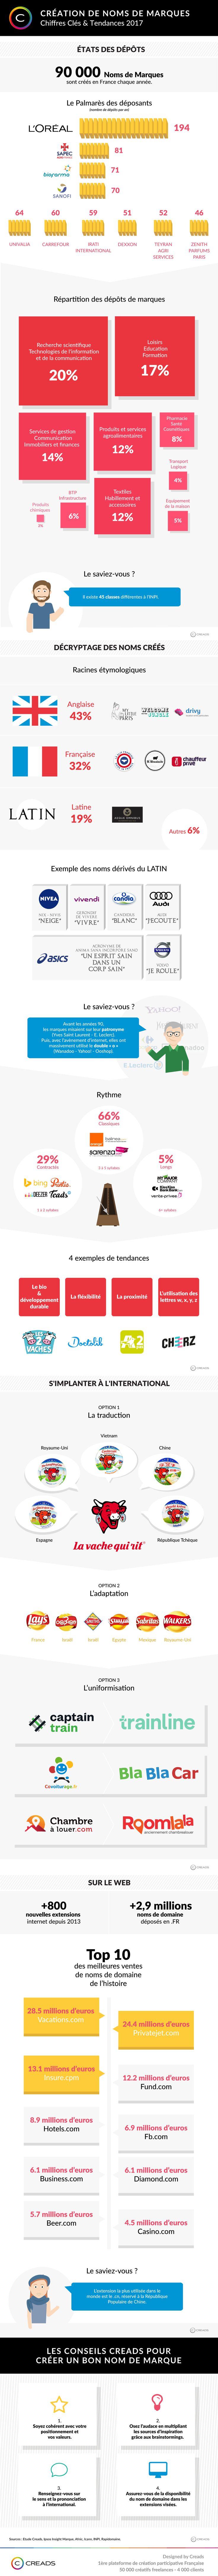 (source : © www.creads.fr) Avec 3,7 millions de marques déposées à l'INPI, l'Institut National de la Propriété Industrielle, l'enjeu n'est plus seulement de créer un nom identitaire disponible, original et percutant. Creads, plateforme qui regroupe 50...